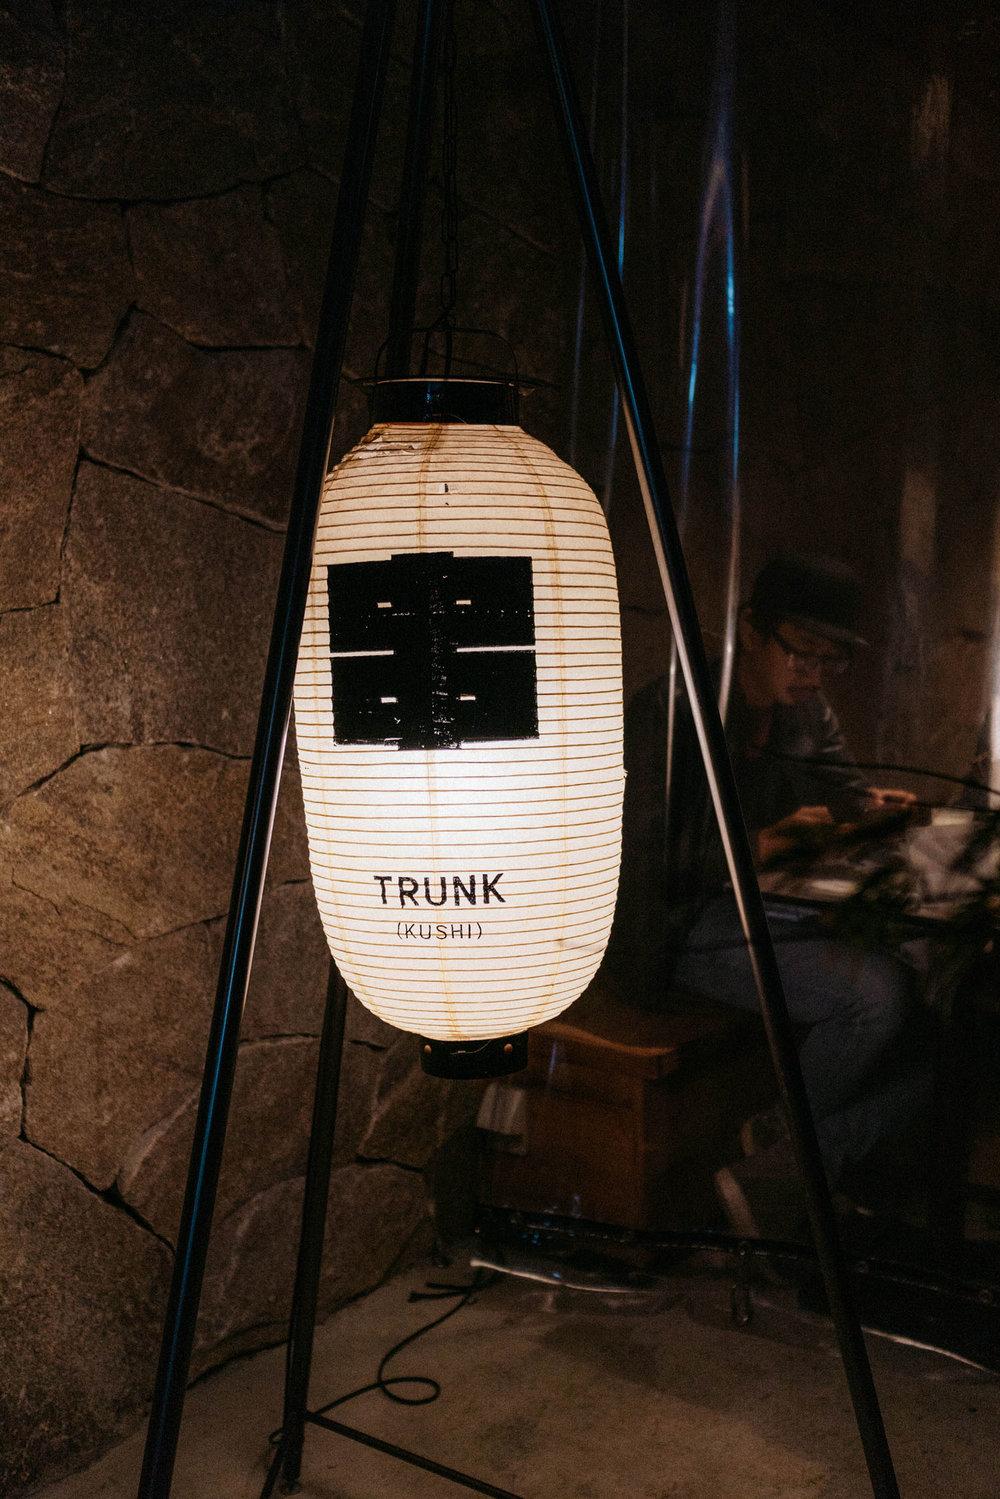 TRUNK (KUSHI)